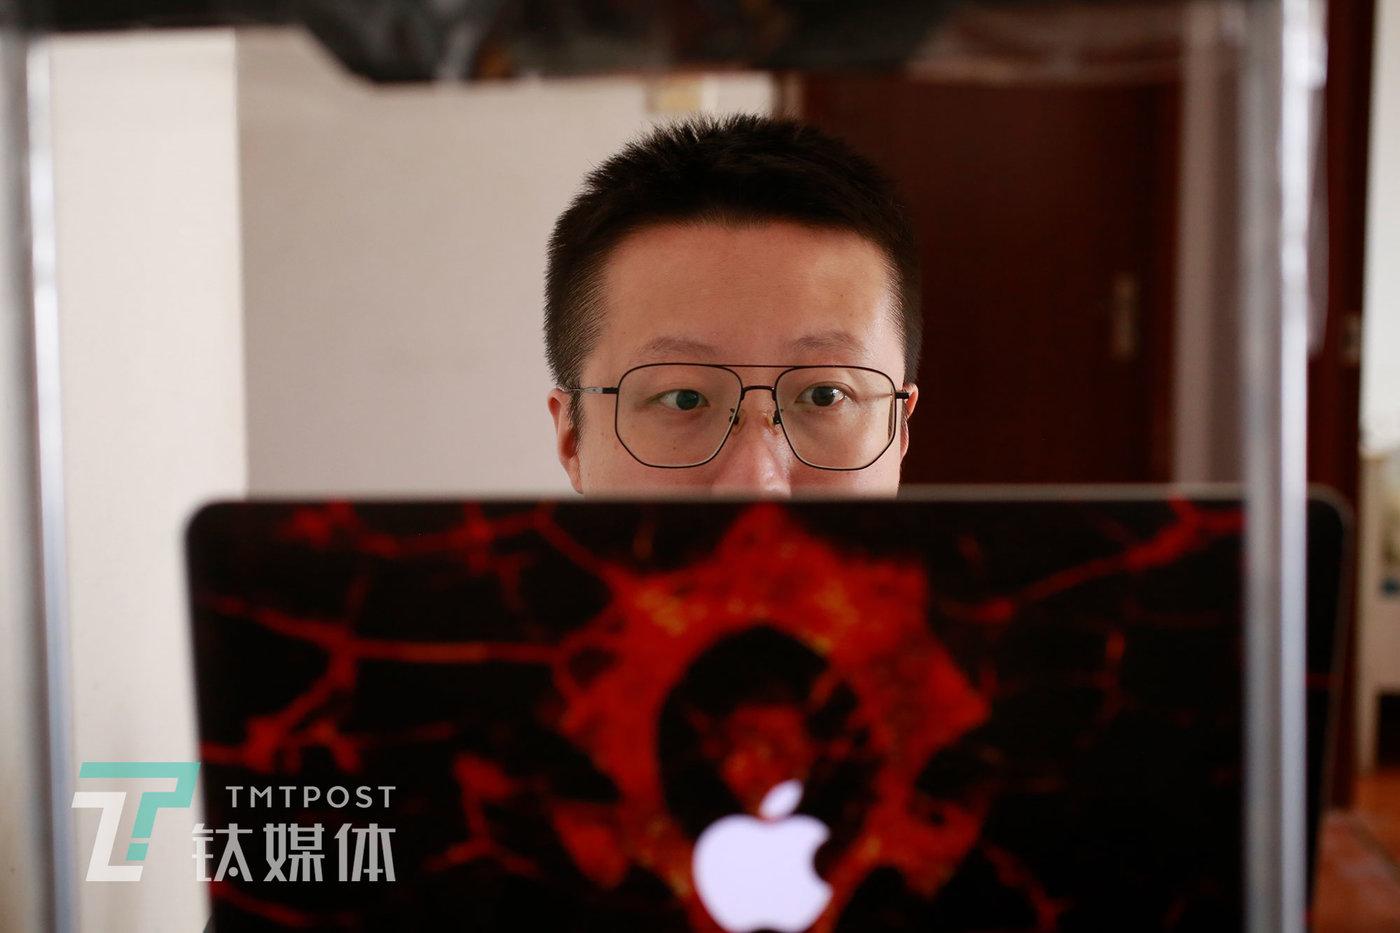 6月8日,师烨东为视频选题修改文案。